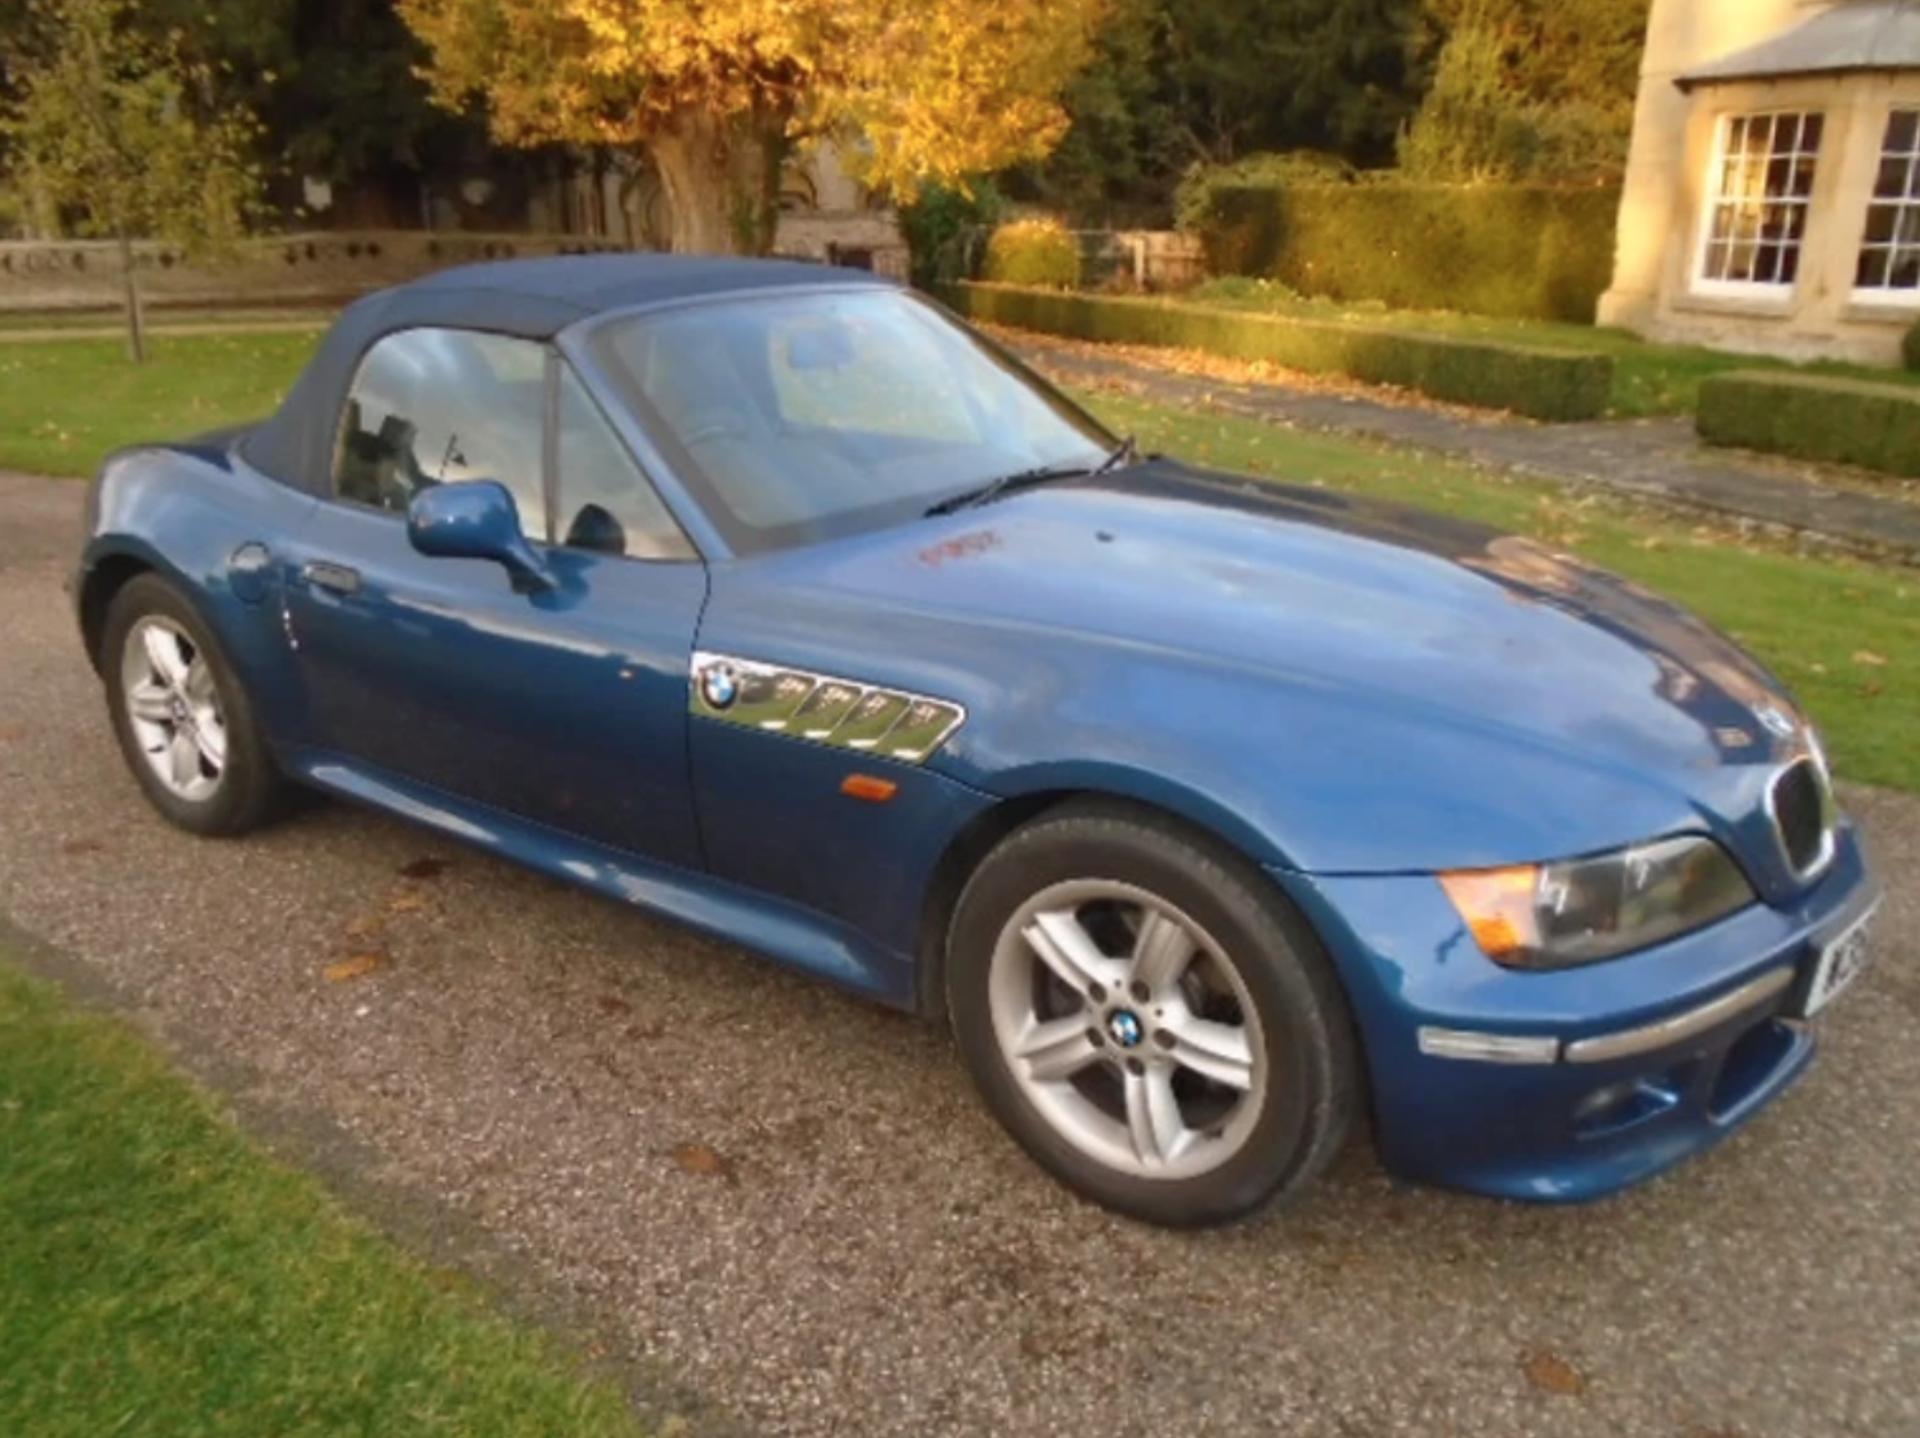 Lot 10 - 2000 BMW Z3 2.8 Triple Blue 93K